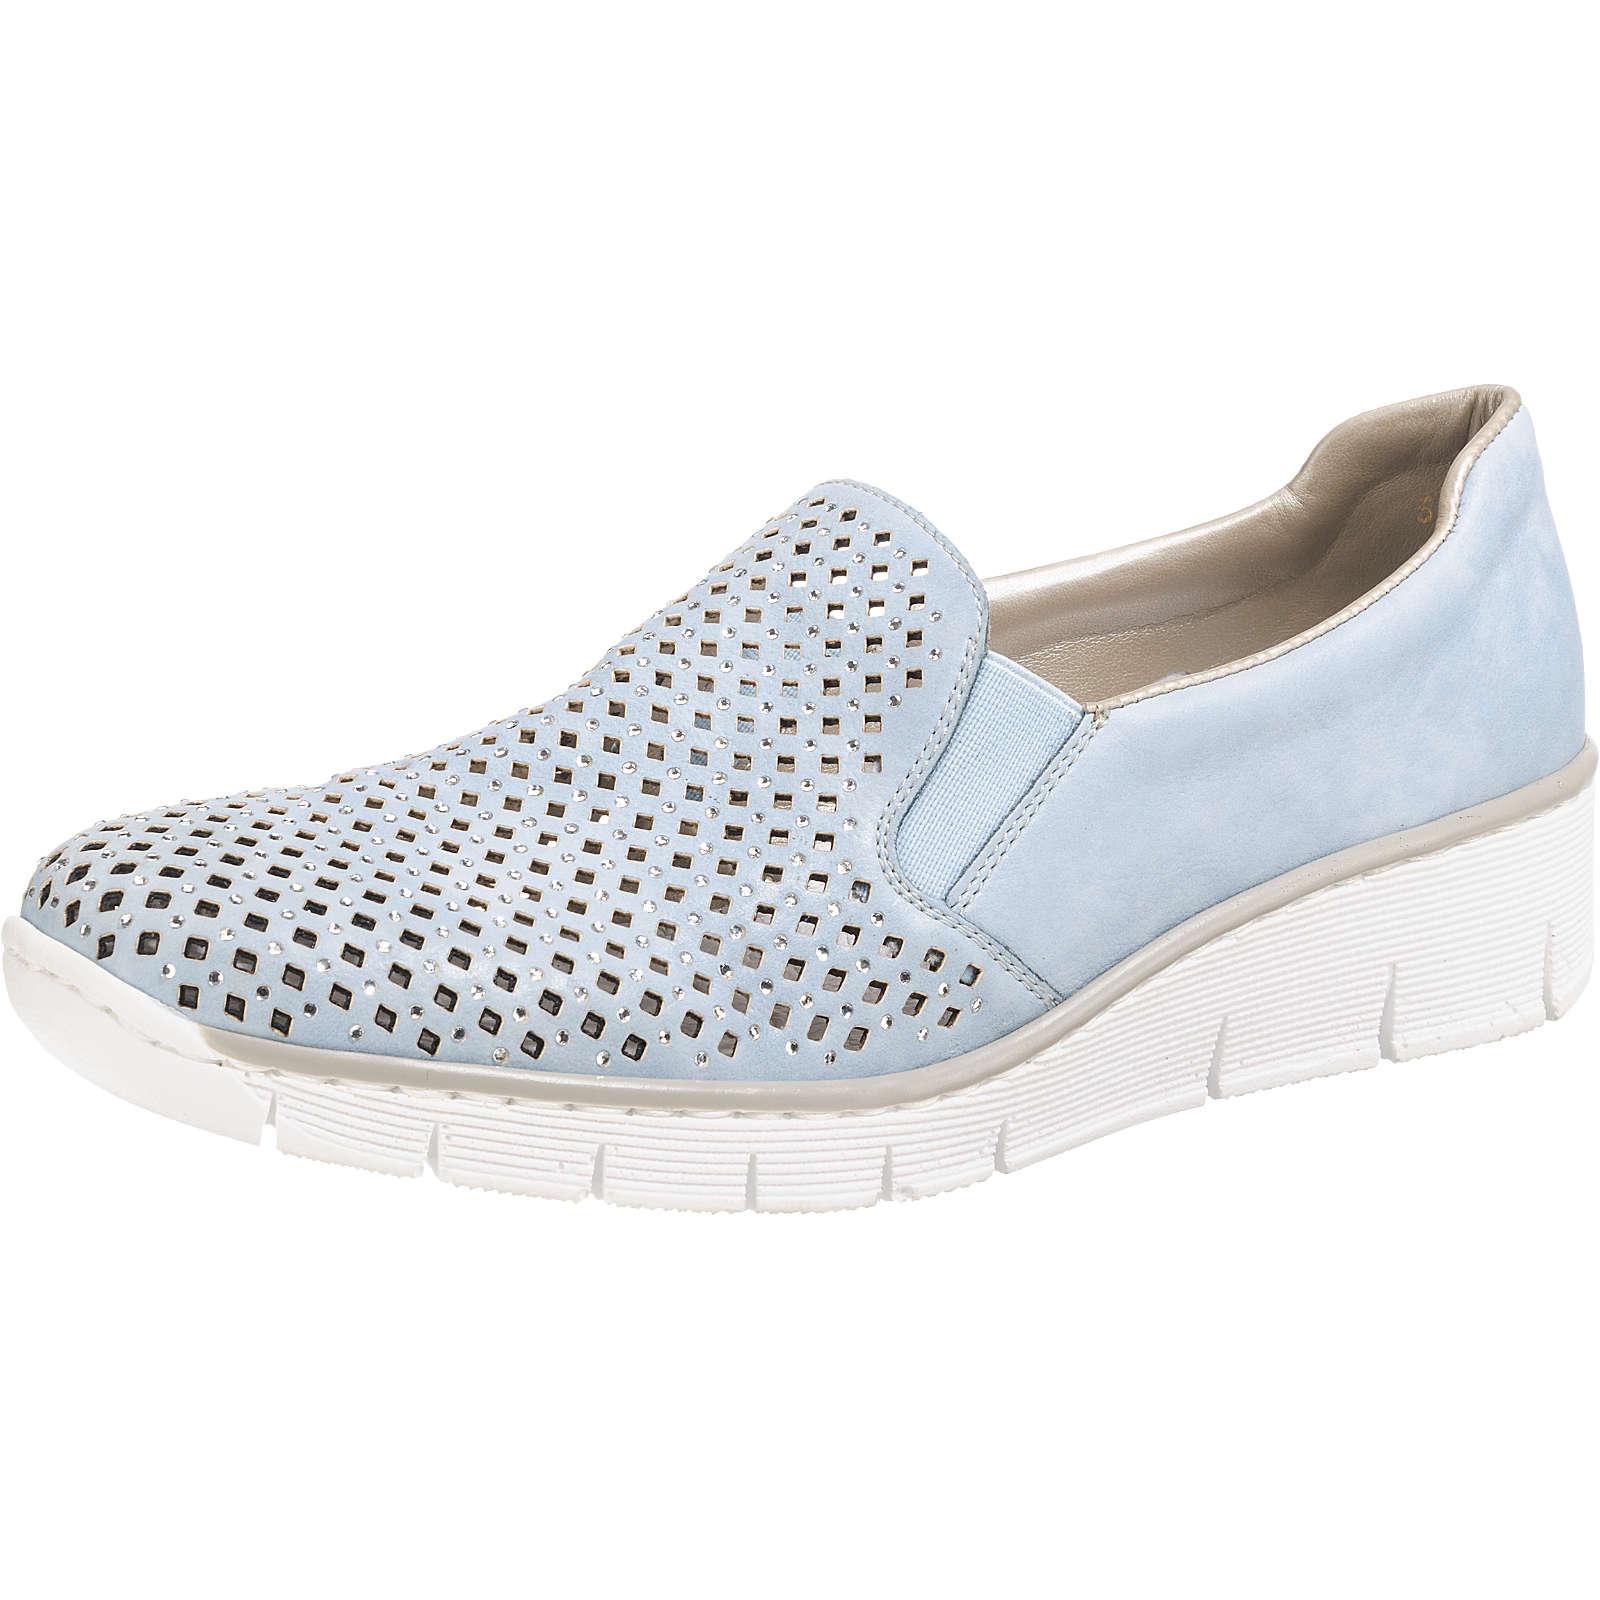 rieker Preston Slip-On-Sneaker blau Damen Gr. 41